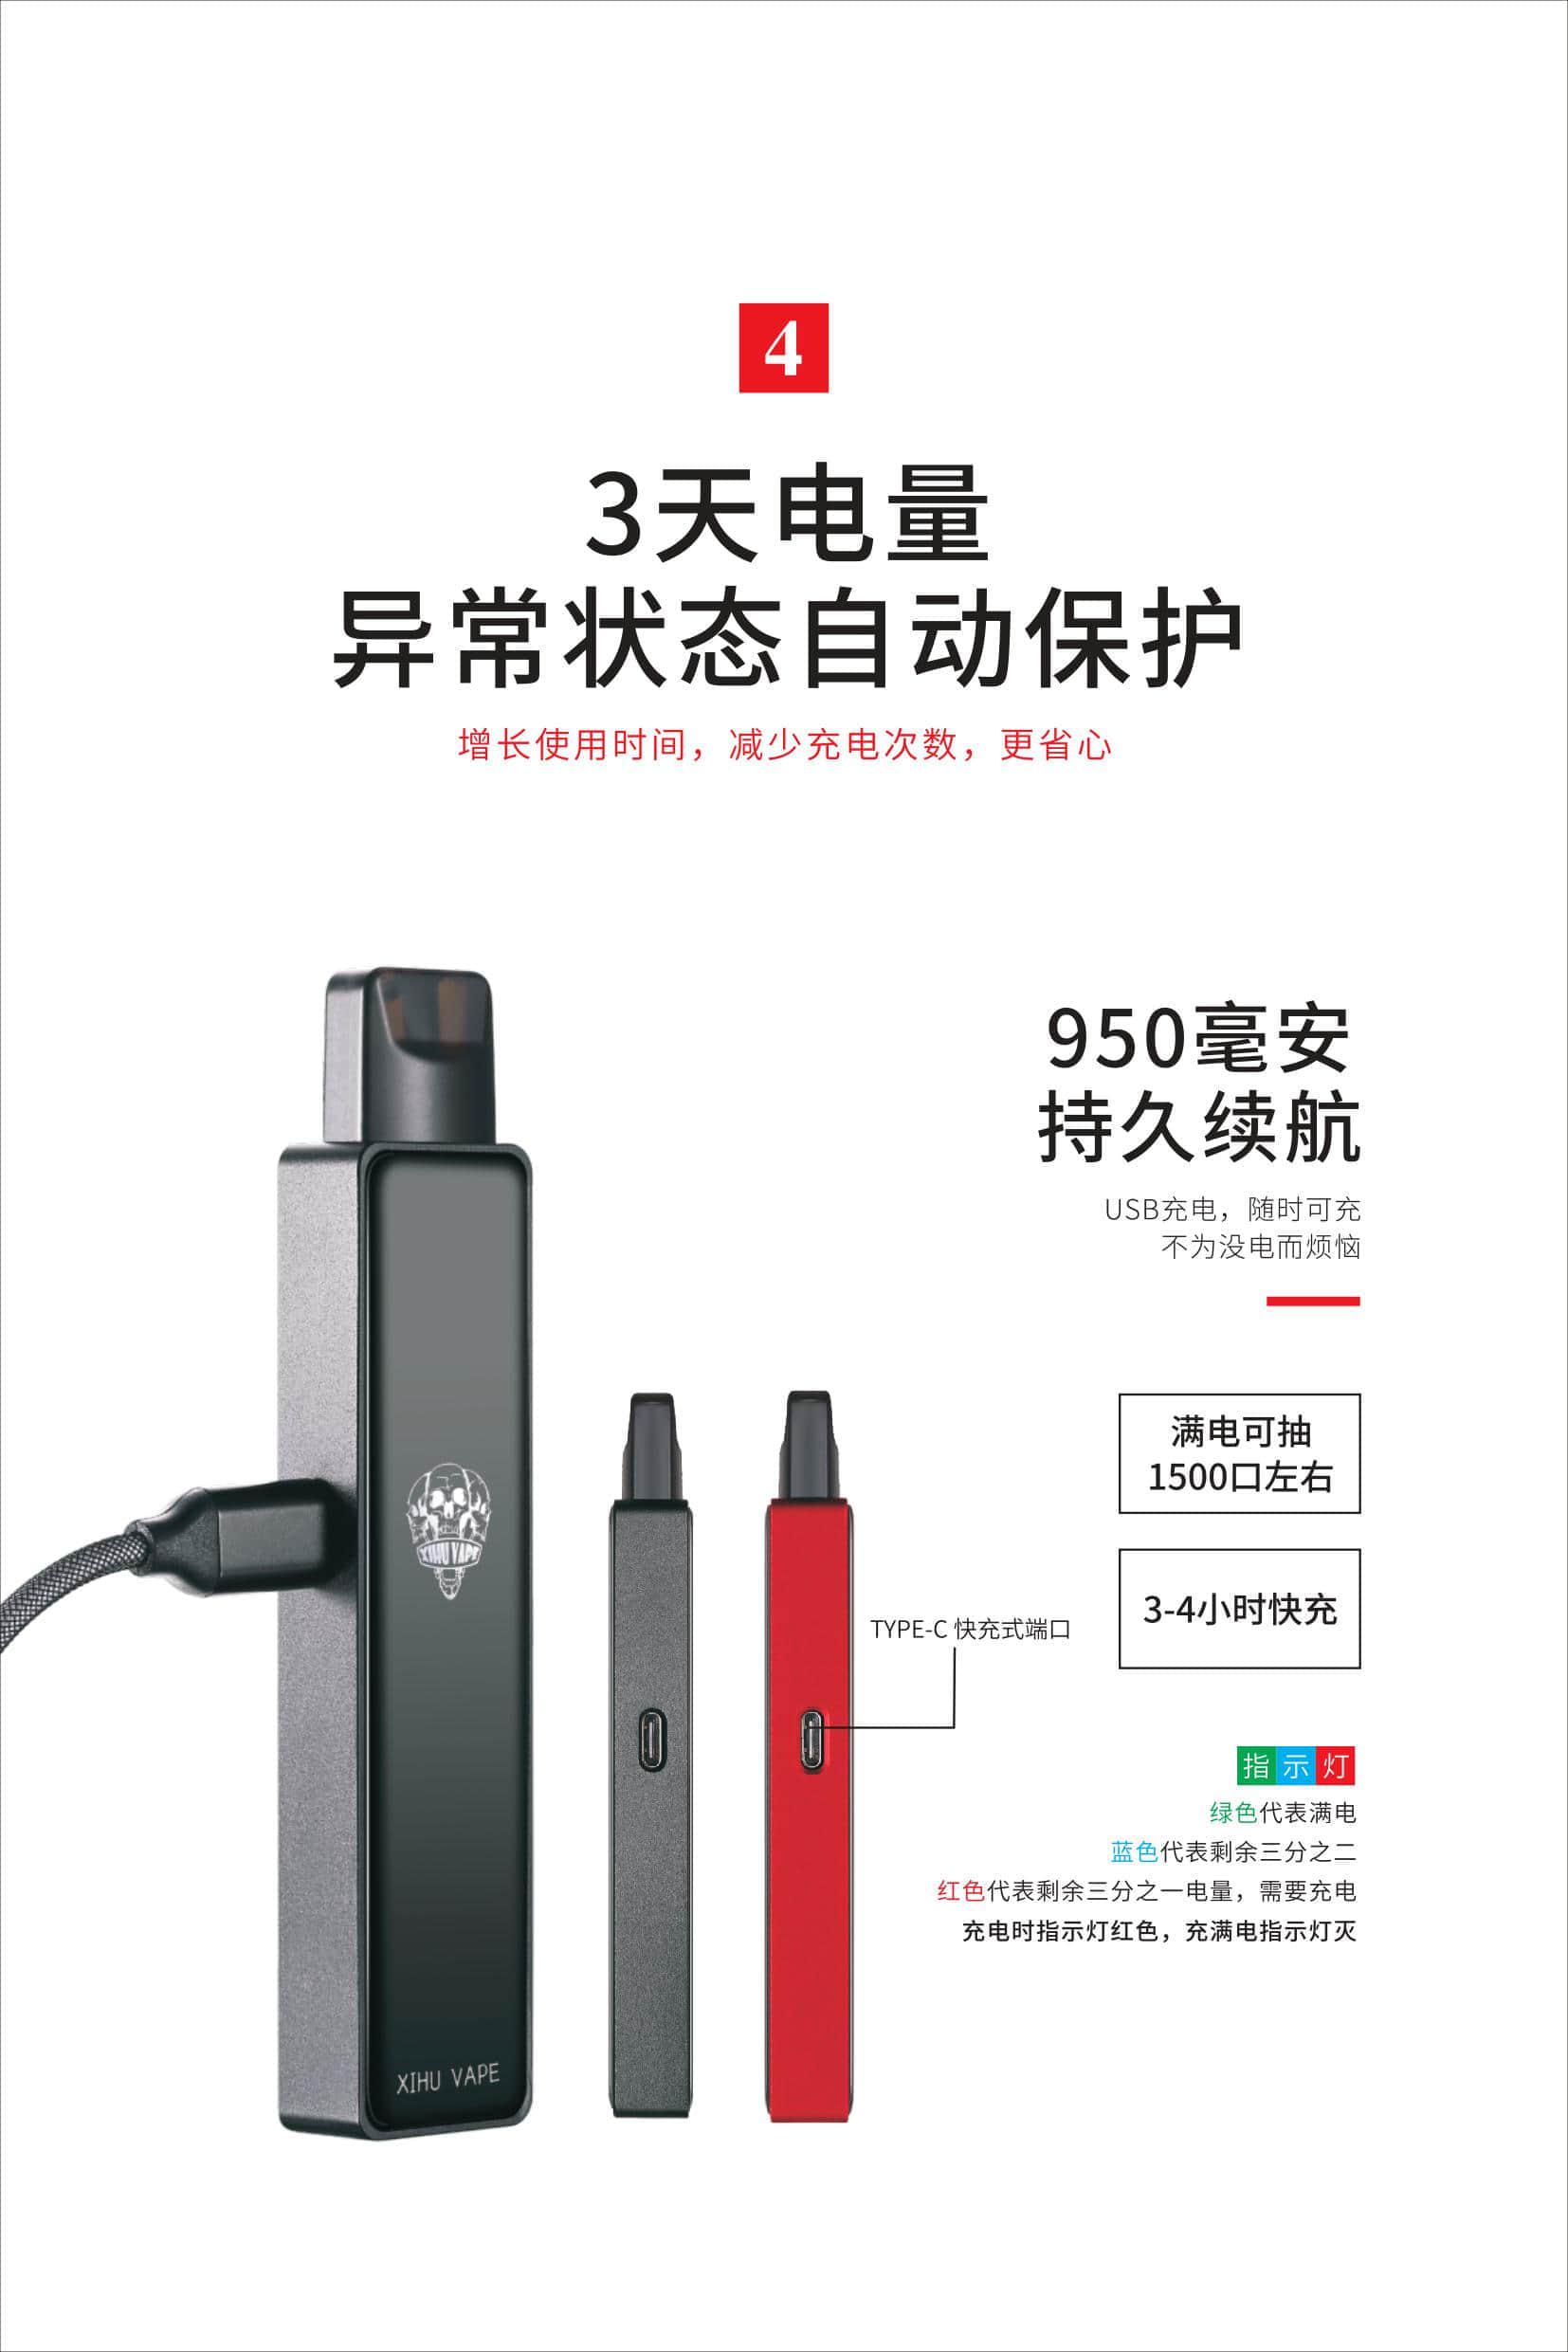 西户VAPE电子烟,戒烟黑科技插图(6)